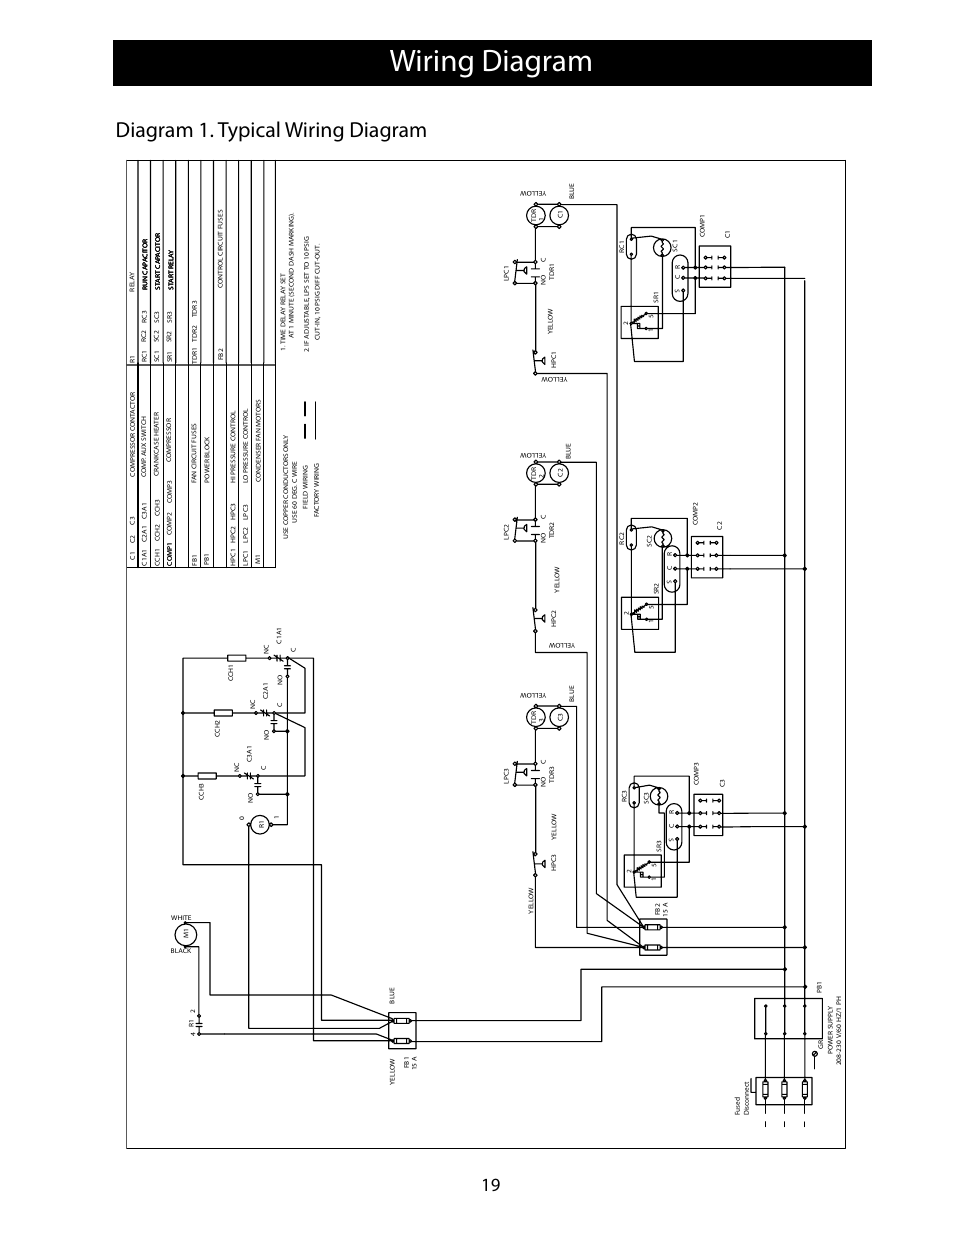 Heatcraft Wiring Diagrams Heatcraft Refrigeration Wiring